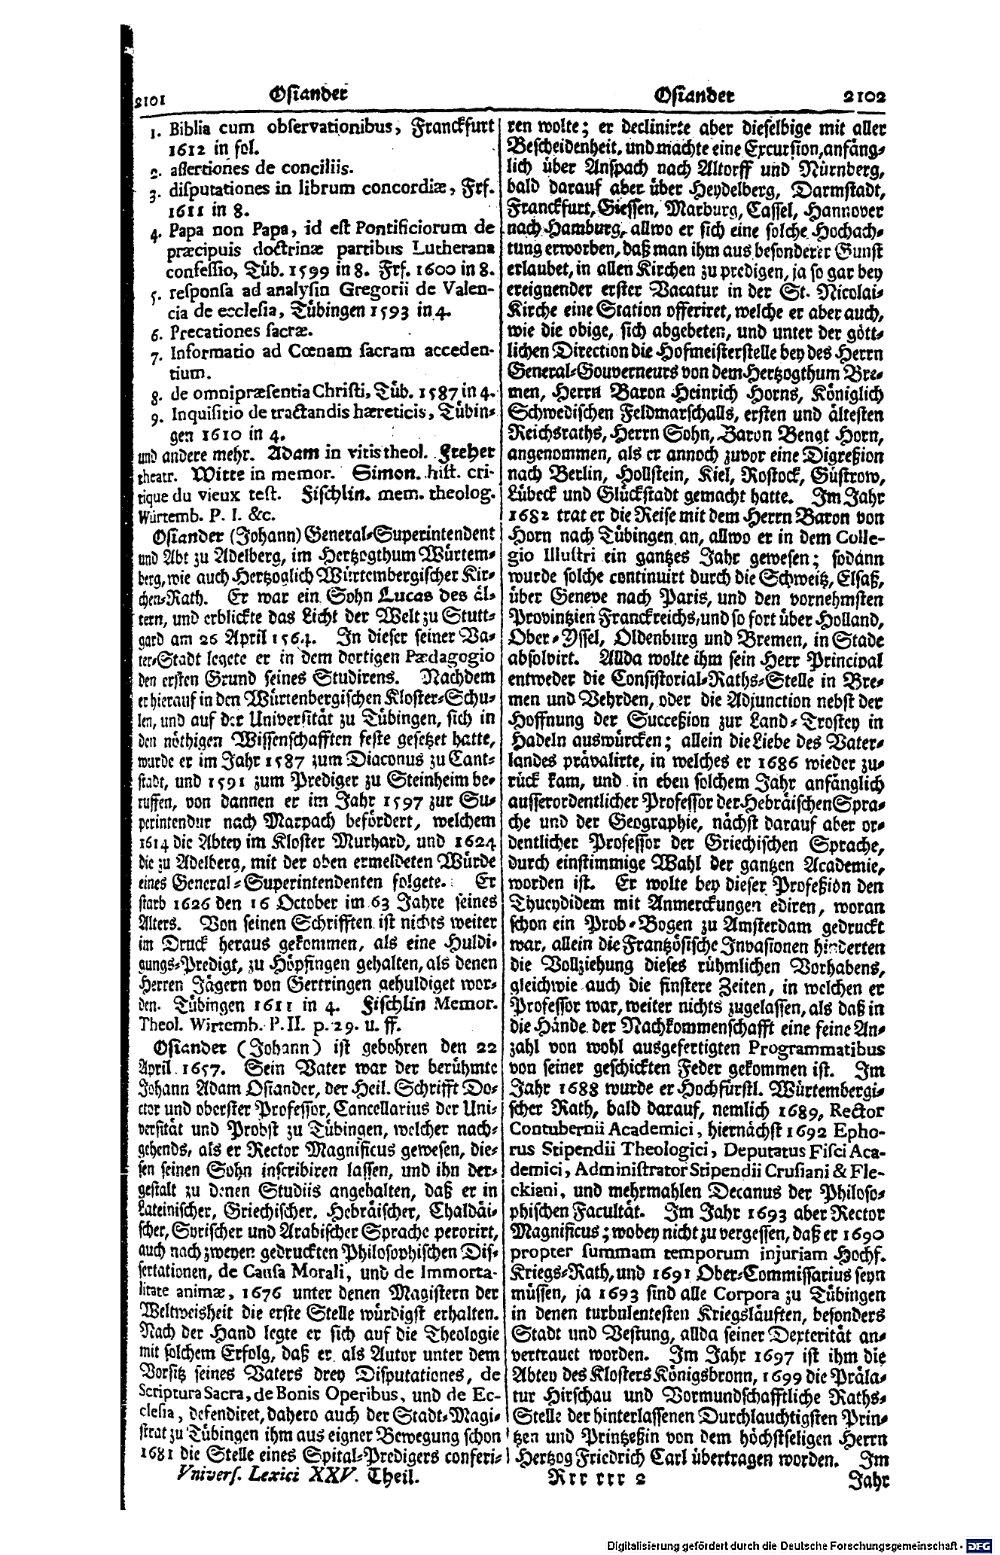 Bd. 25, Seite 1064.